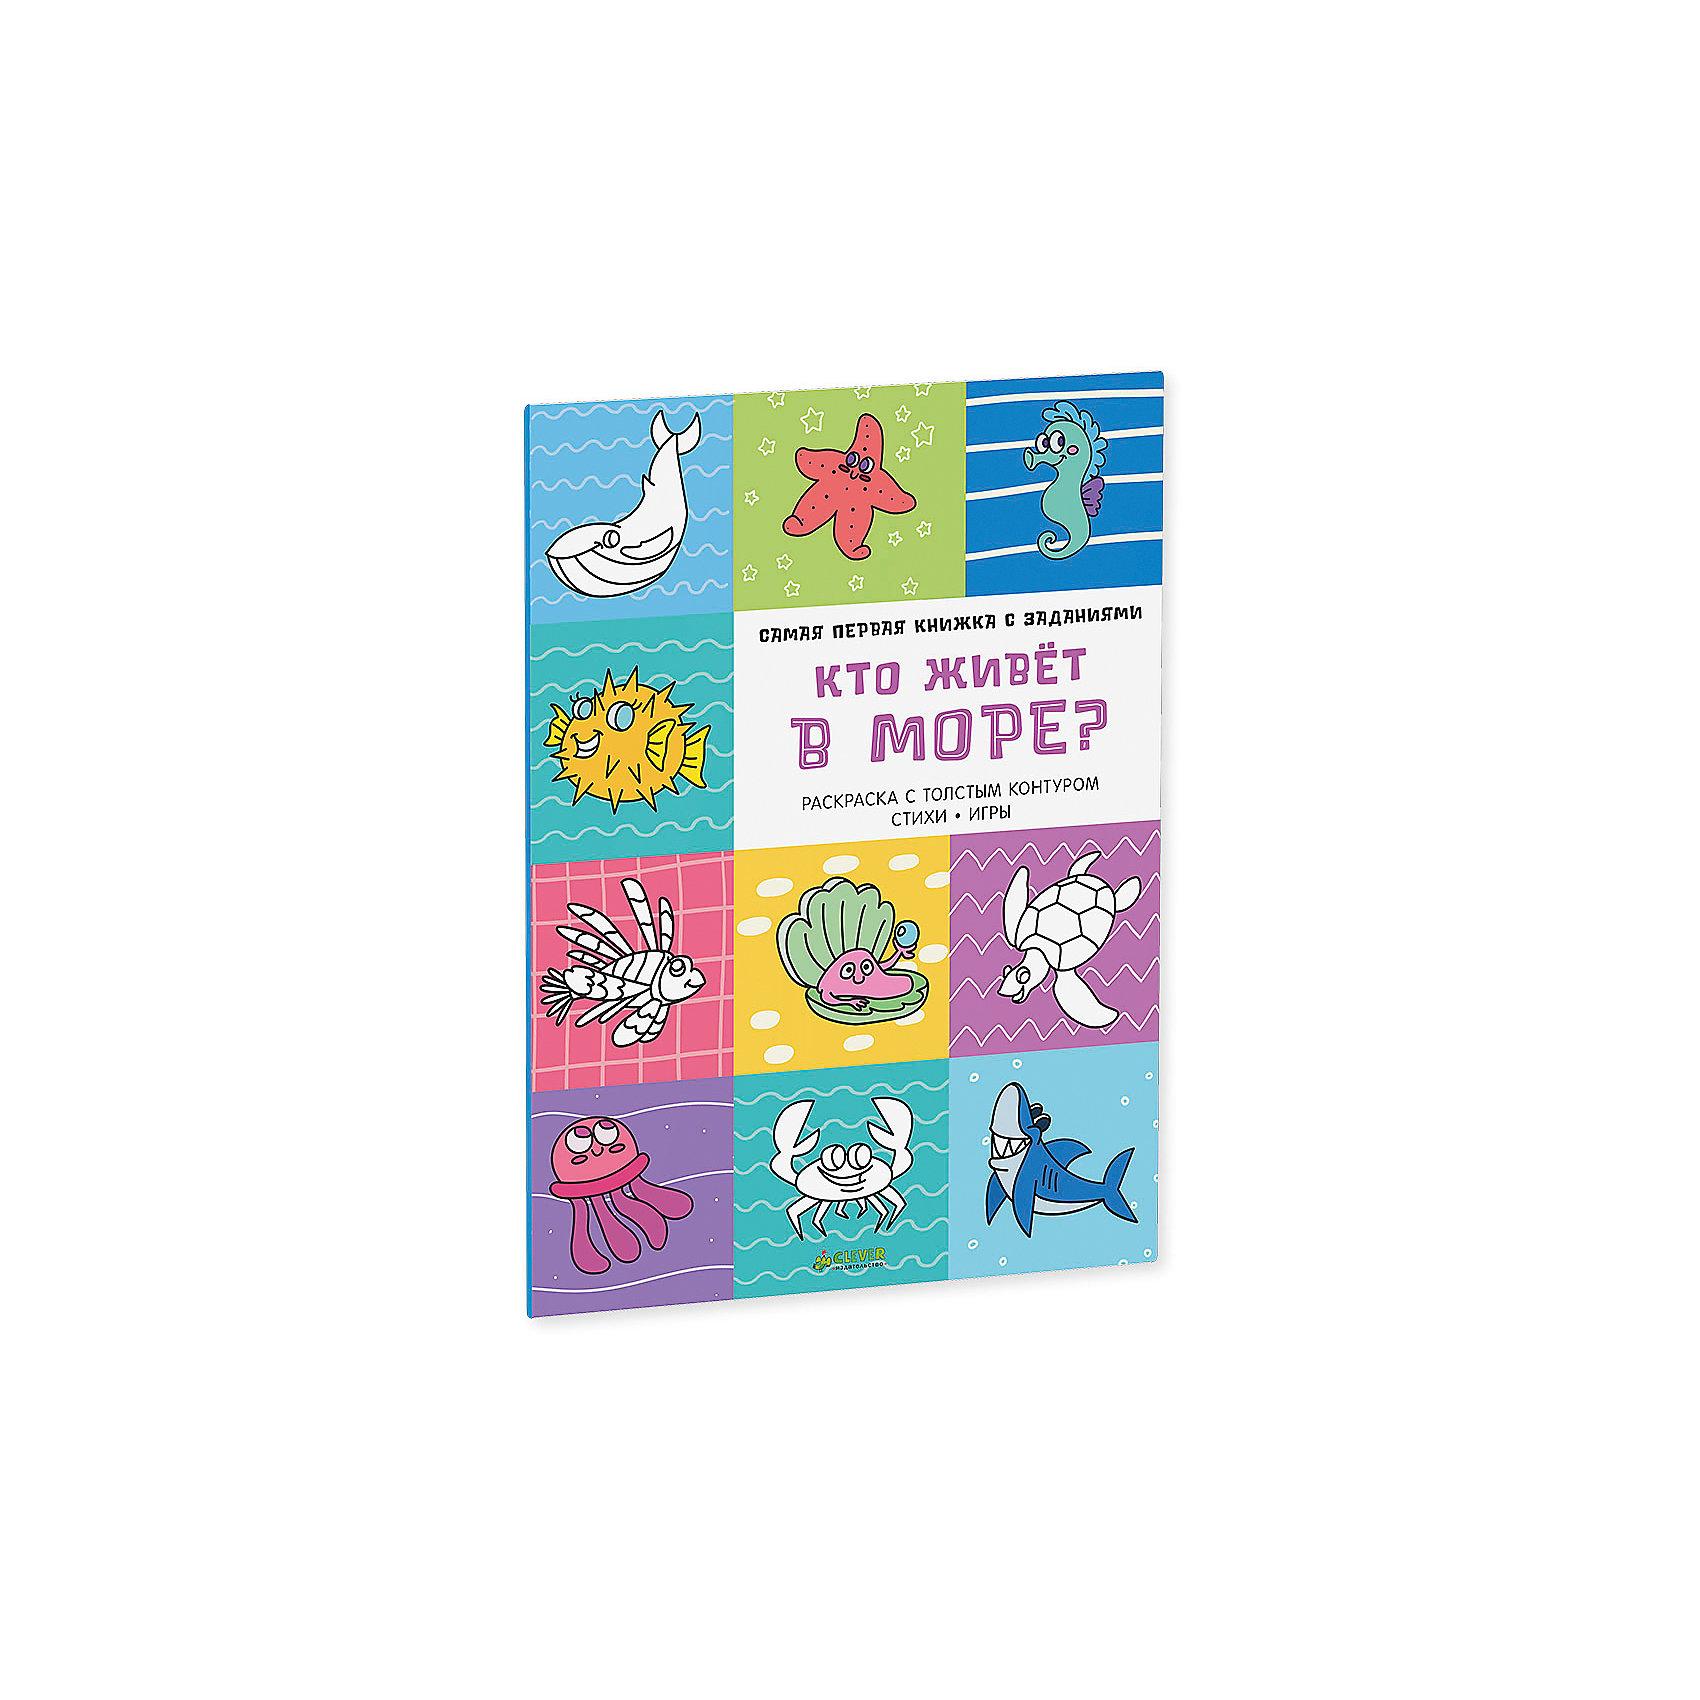 Кто живет в море? Самая первая книжка с заданиямиКнижки с наклейками<br>Кто живет в море? Самая первая книжка с заданиями.<br><br>Характеристики:<br><br>- Издательство: Клевер;<br>- Размер: 220х290 мм (большой формат).<br>- Количество страниц: 16.<br><br>С любовью и заботой о вашем малыше, который только берет в руки фломастеры и карандаши, мы придумали эти замечательные раскраски с наклейками. Толстый контур, простые формы, знакомые предметы -  ваш малыш с удовольствием будет рассматривать эти книжки, раскрашивать чудесные картинки, учить веселые стихи и приклеивать наклейки. А еще внизу на каждой странице есть гид для родителей с дополнительными заданиями и играми. Каждая книжка- раскраска из этой серии -  прекрасный инструмент для развития речи, мелкой моторики, фантазии и замечательный повод для общения родителей с малышом. Идеально для ребенка от двух лет!<br><br>Кто живет в море? Самая первая книжка с заданиями, можно купить в нашем интернет – магазине.<br><br>Ширина мм: 285<br>Глубина мм: 215<br>Высота мм: 5<br>Вес г: 174<br>Возраст от месяцев: 0<br>Возраст до месяцев: 36<br>Пол: Унисекс<br>Возраст: Детский<br>SKU: 5377846